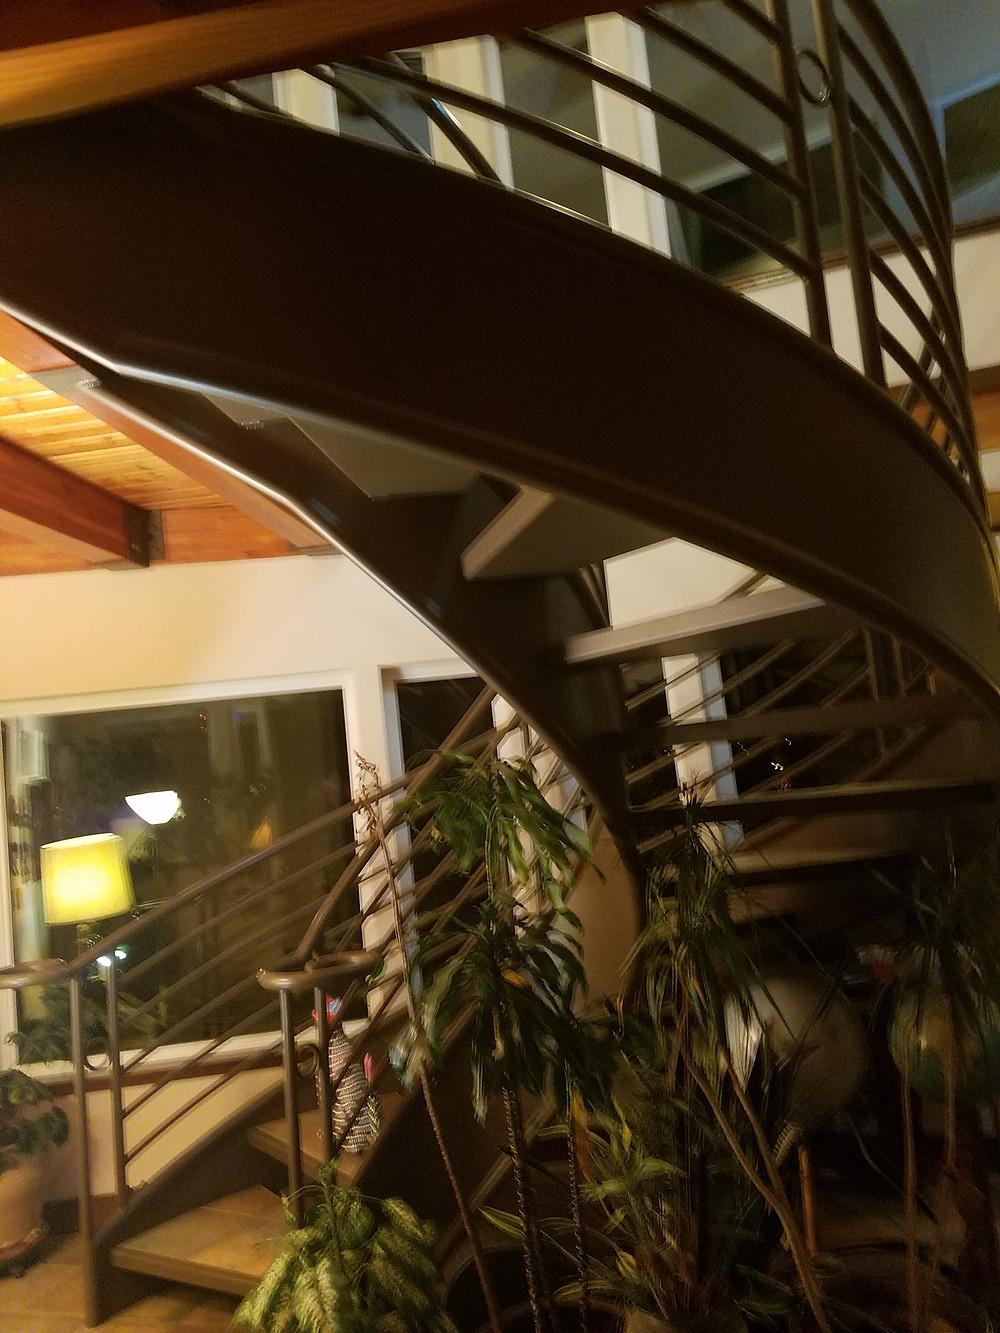 Twisty stairwell